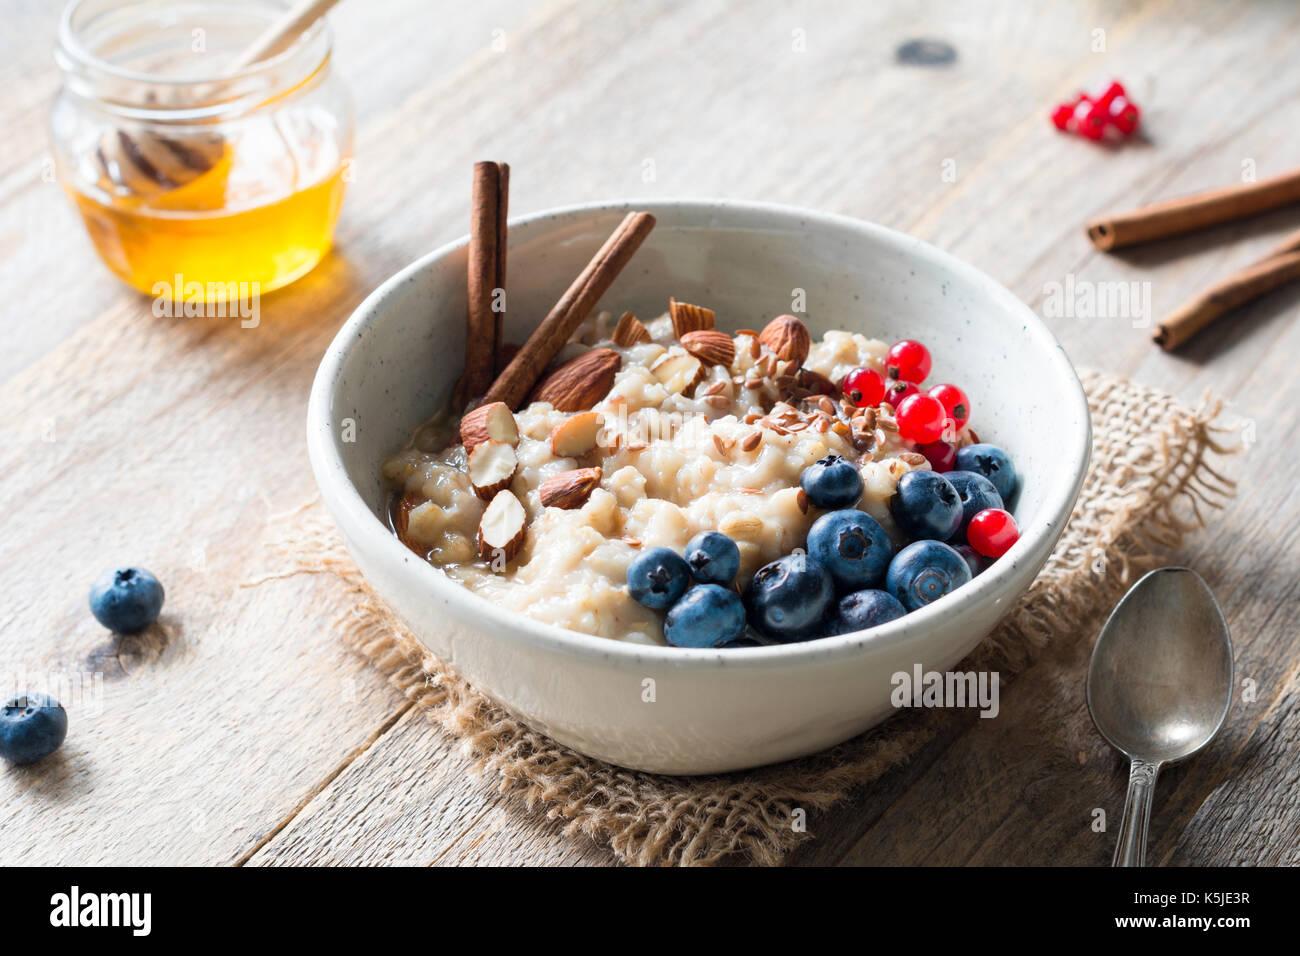 Gruau d'avoine avec des bleuets, amandes, cannelle, miel, linseeds et groseilles rouges dans un bol. super aliment pour petit-déjeuner nutritif sain Photo Stock